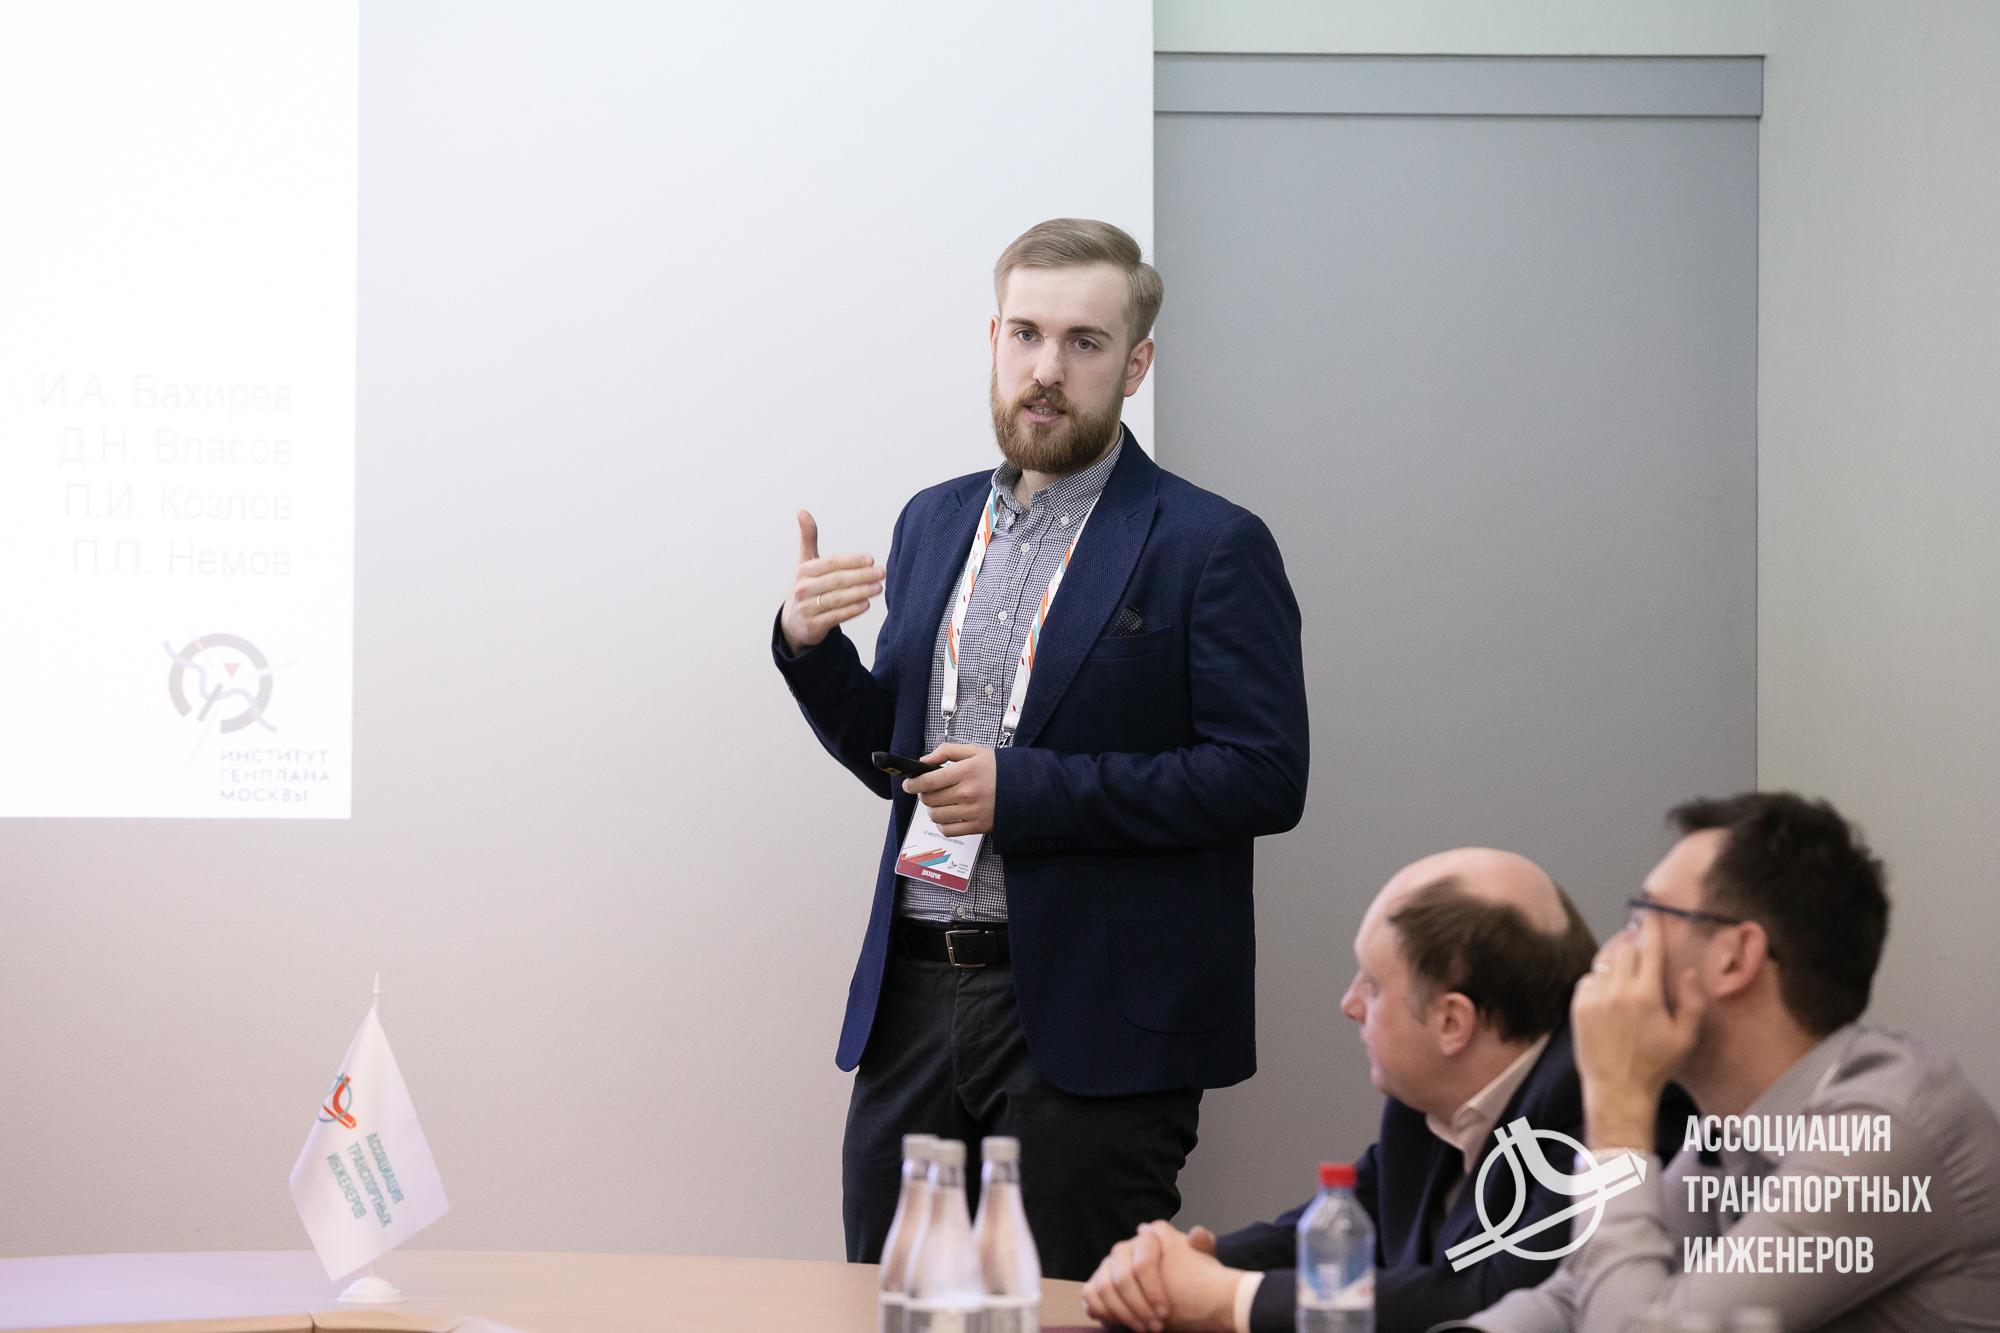 Конференция ТПиМ, 12 апреля  2019  (249)